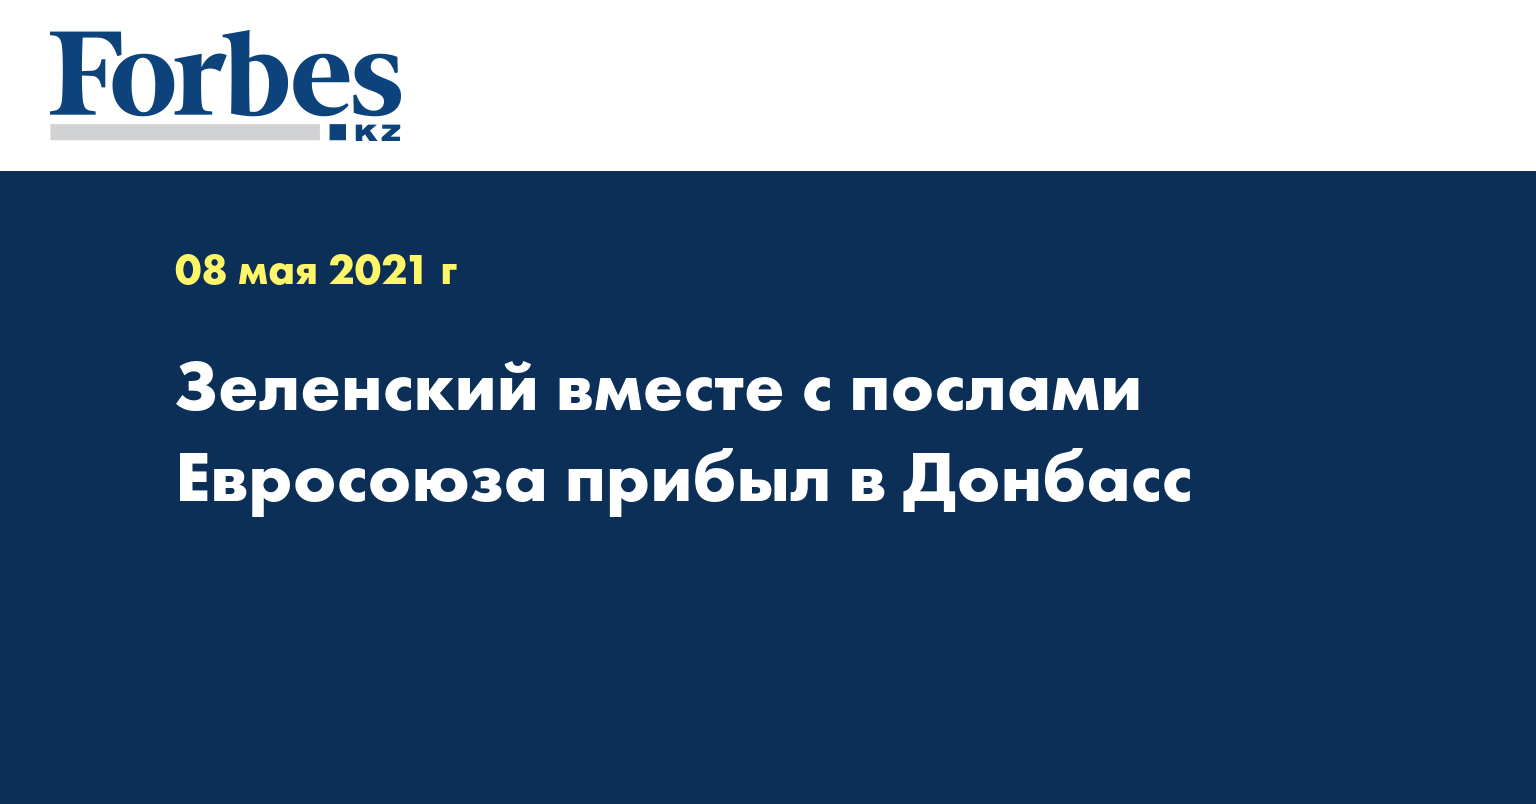 Зеленский вместе с послами Евросоюза прибыл в Донбасс